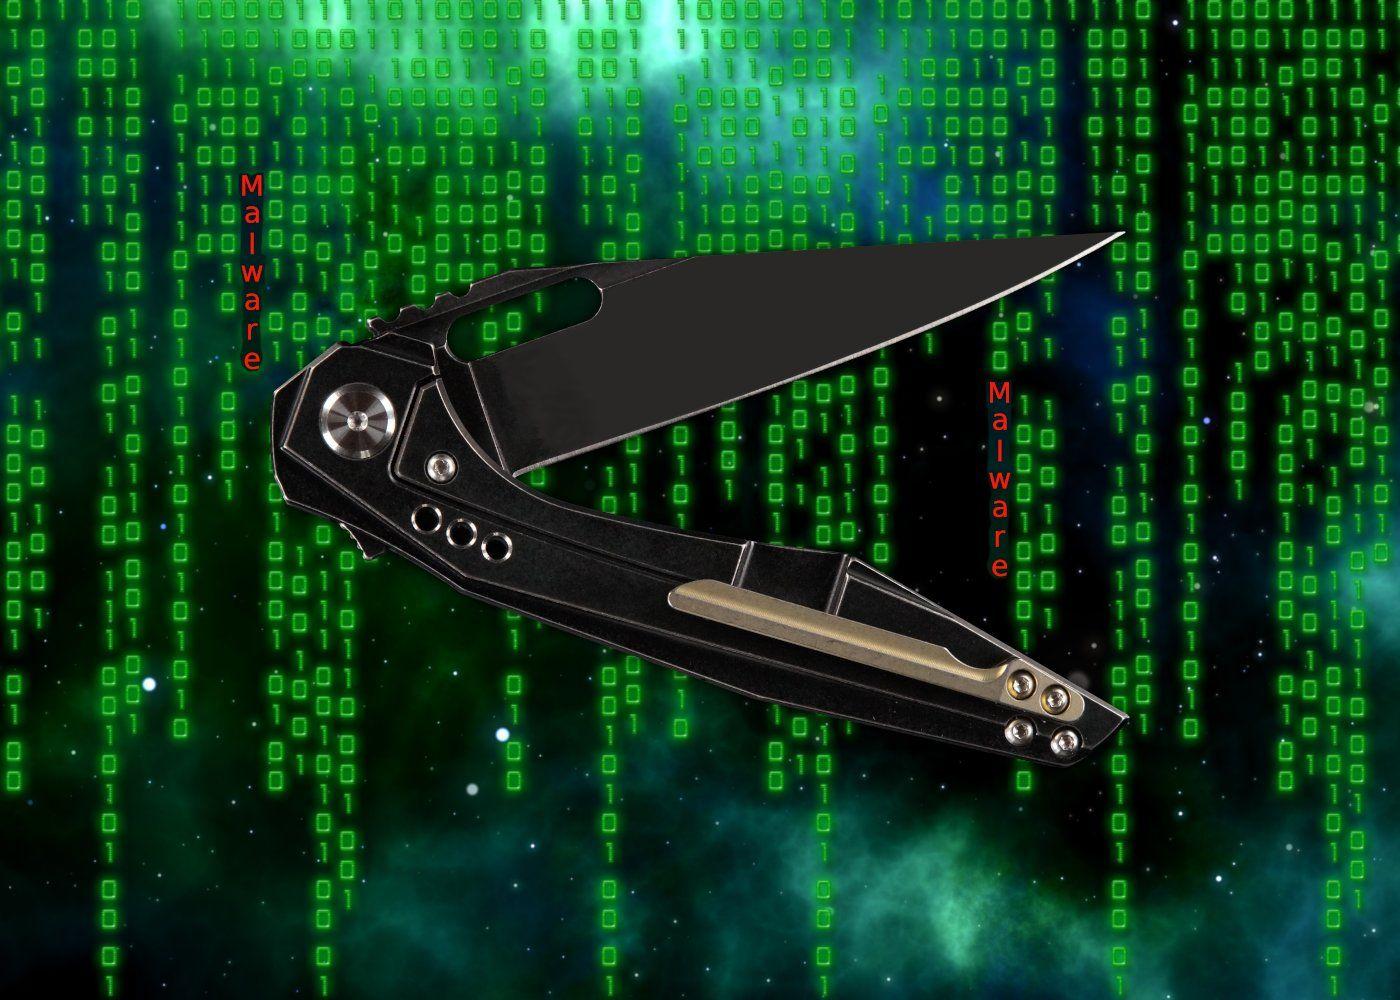 Bestech Malware